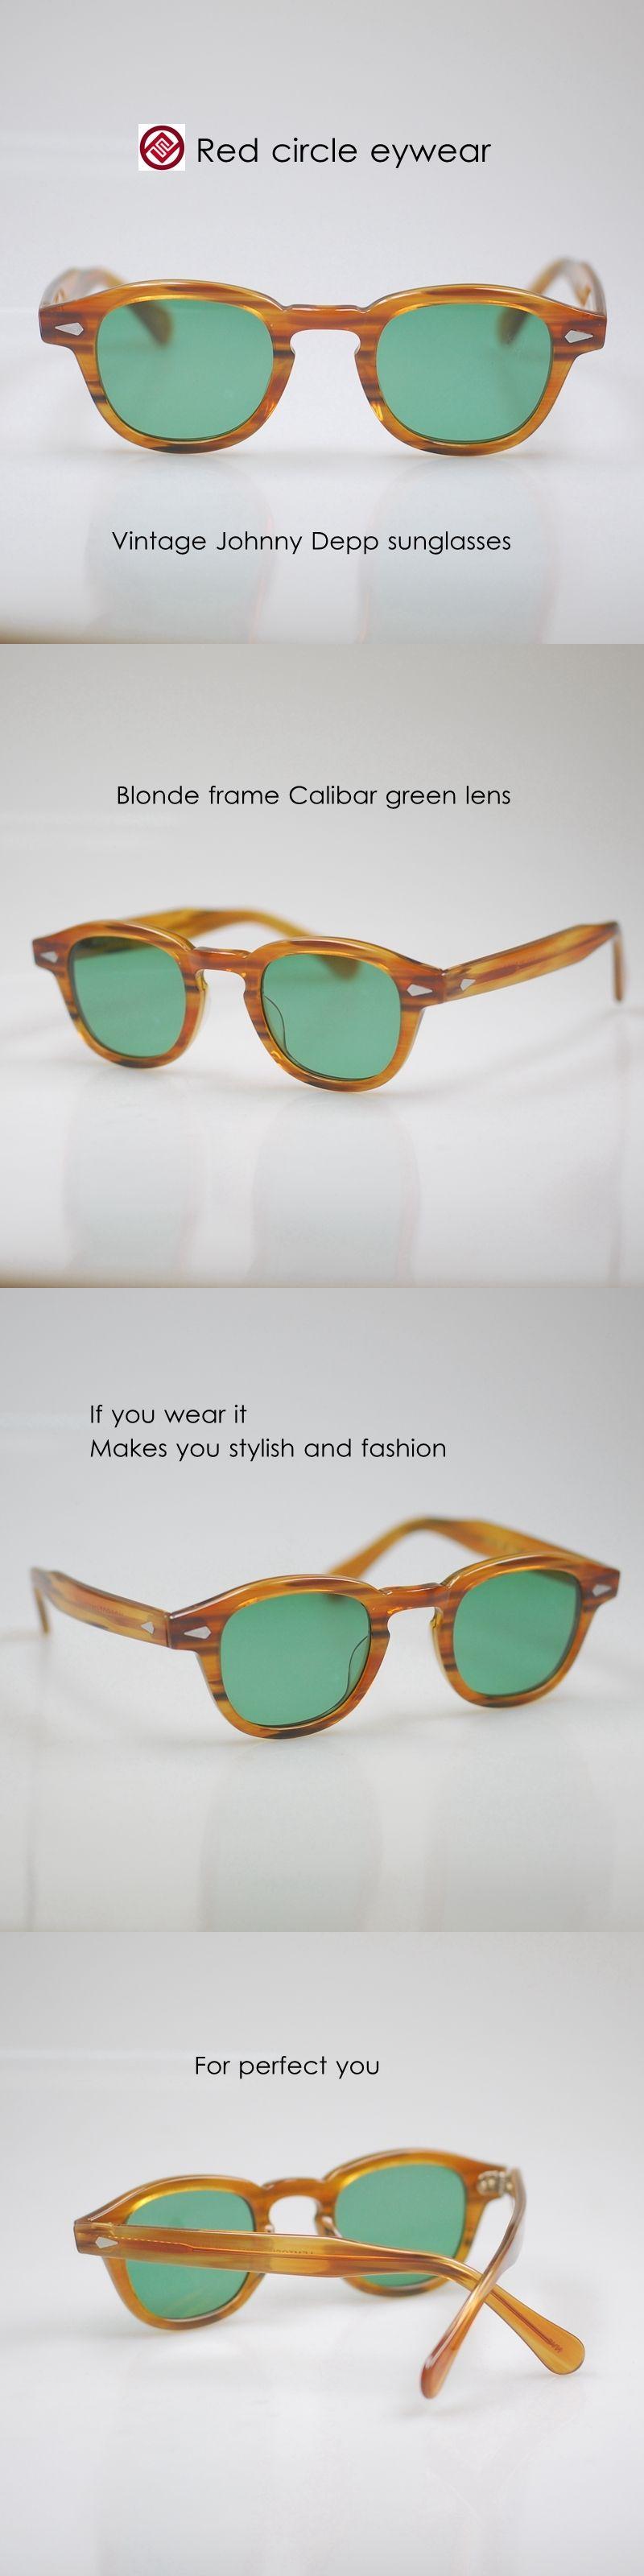 82b970451b Sunglasses 48559  Retro Vintage Sunglasses Johnny Depp Eyeglass Blonde Frame  Calibar Green Lenses -  BUY IT NOW ONLY   52.43 on eBay!